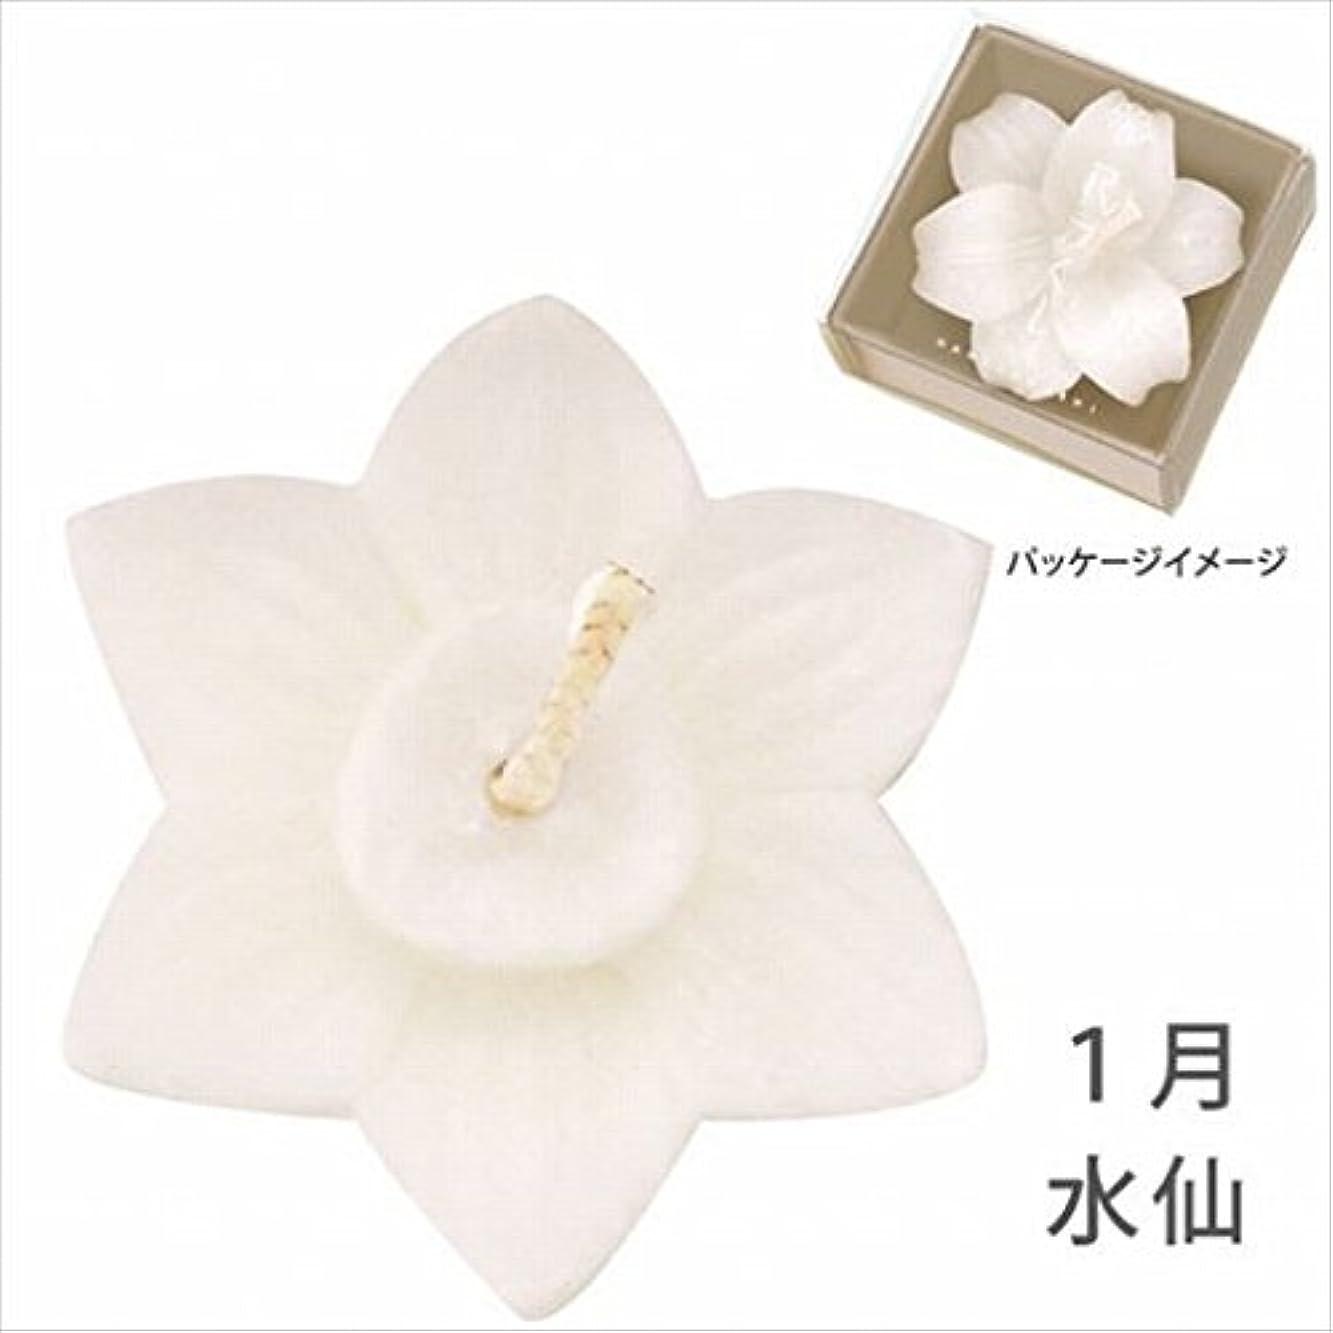 合金コークスクレーターカメヤマキャンドル( kameyama candle ) 花づくし(植物性) 水仙 「 水仙(1月) 」 キャンドル